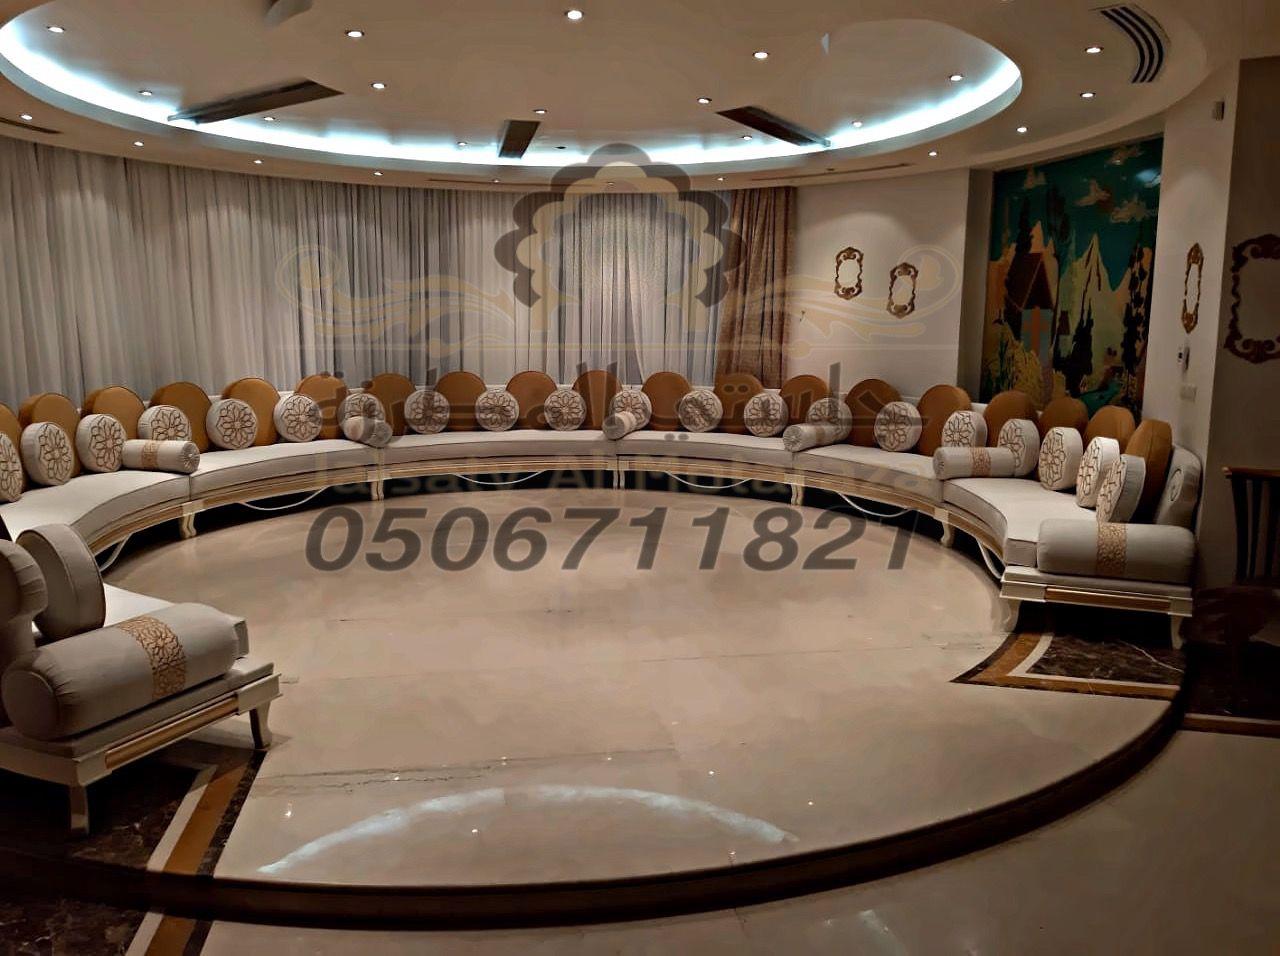 مجلس مغربي دائري جديد روعة جوال التواصل 0506711821 Instagram